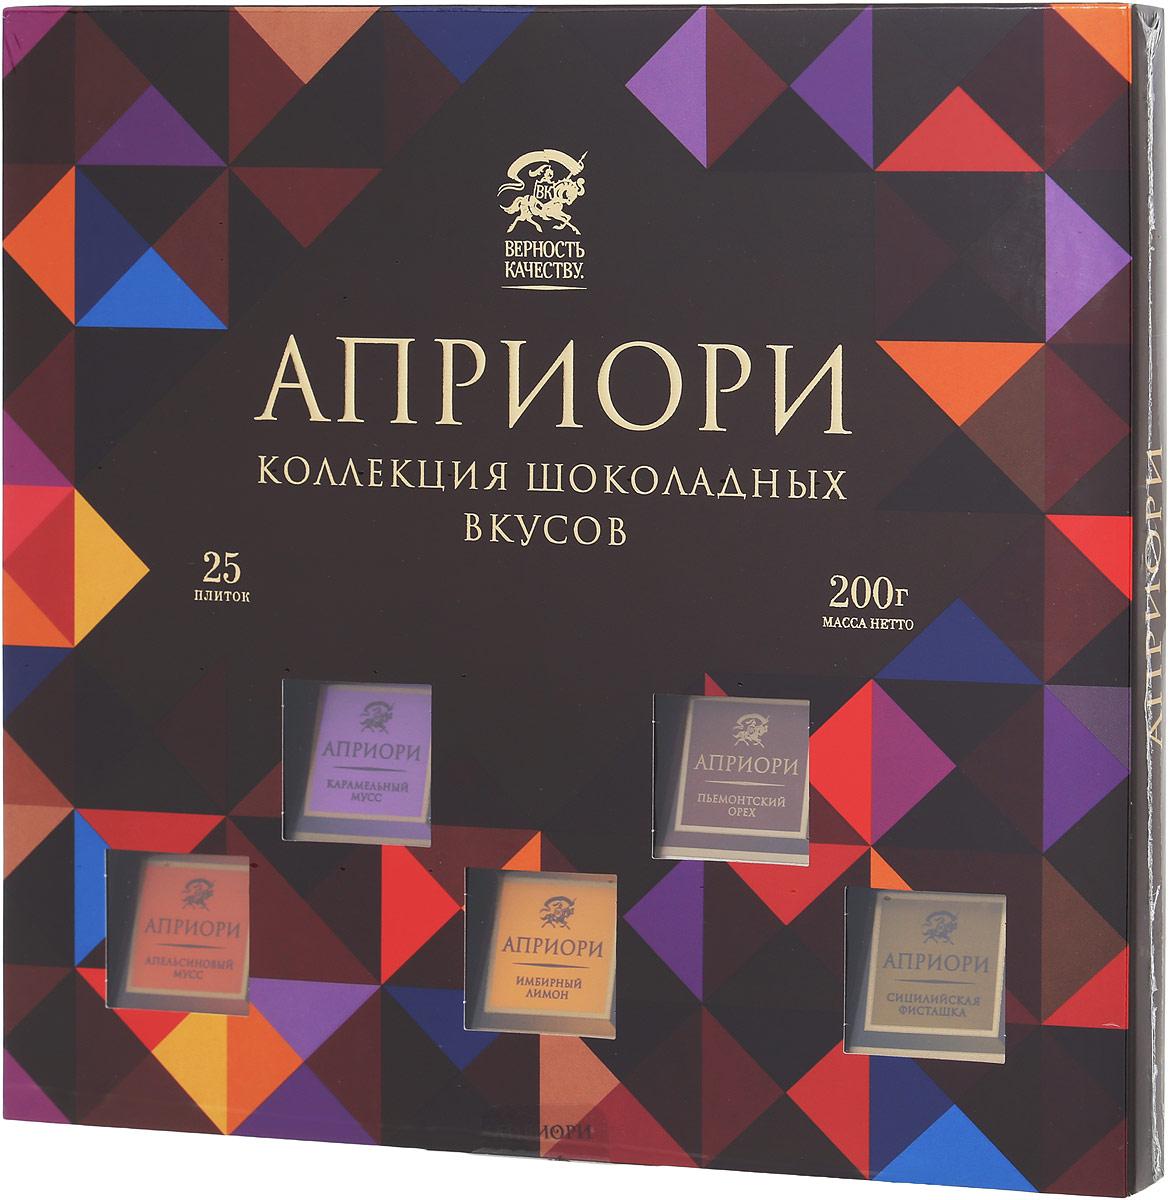 Априори ассорти шоколада с начинками, 200 г mentos ассорти жевательное драже 3 шт по 37 г